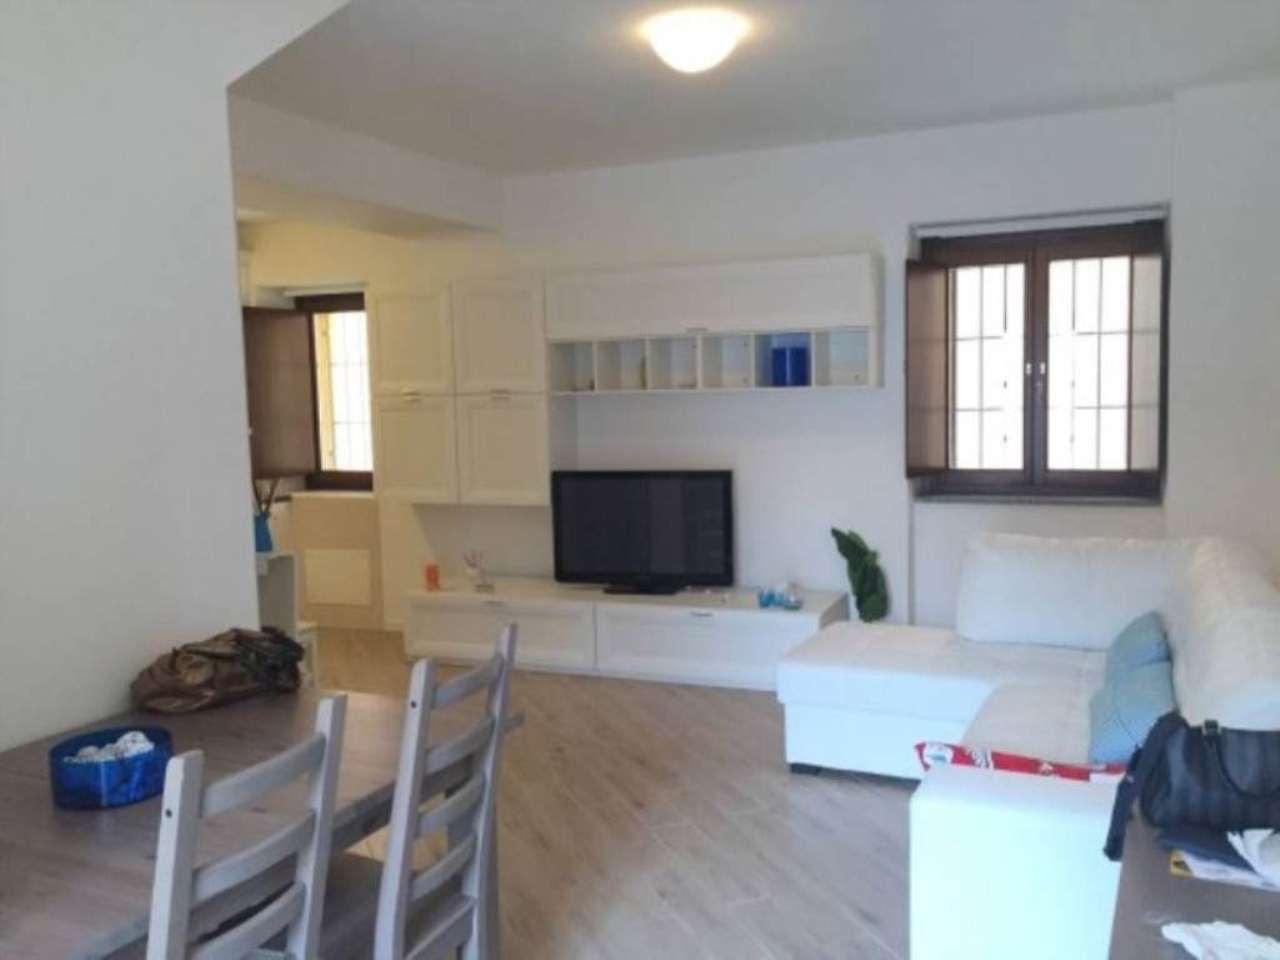 Appartamento in vendita a Robbiate, 2 locali, prezzo € 110.000 | Cambio Casa.it